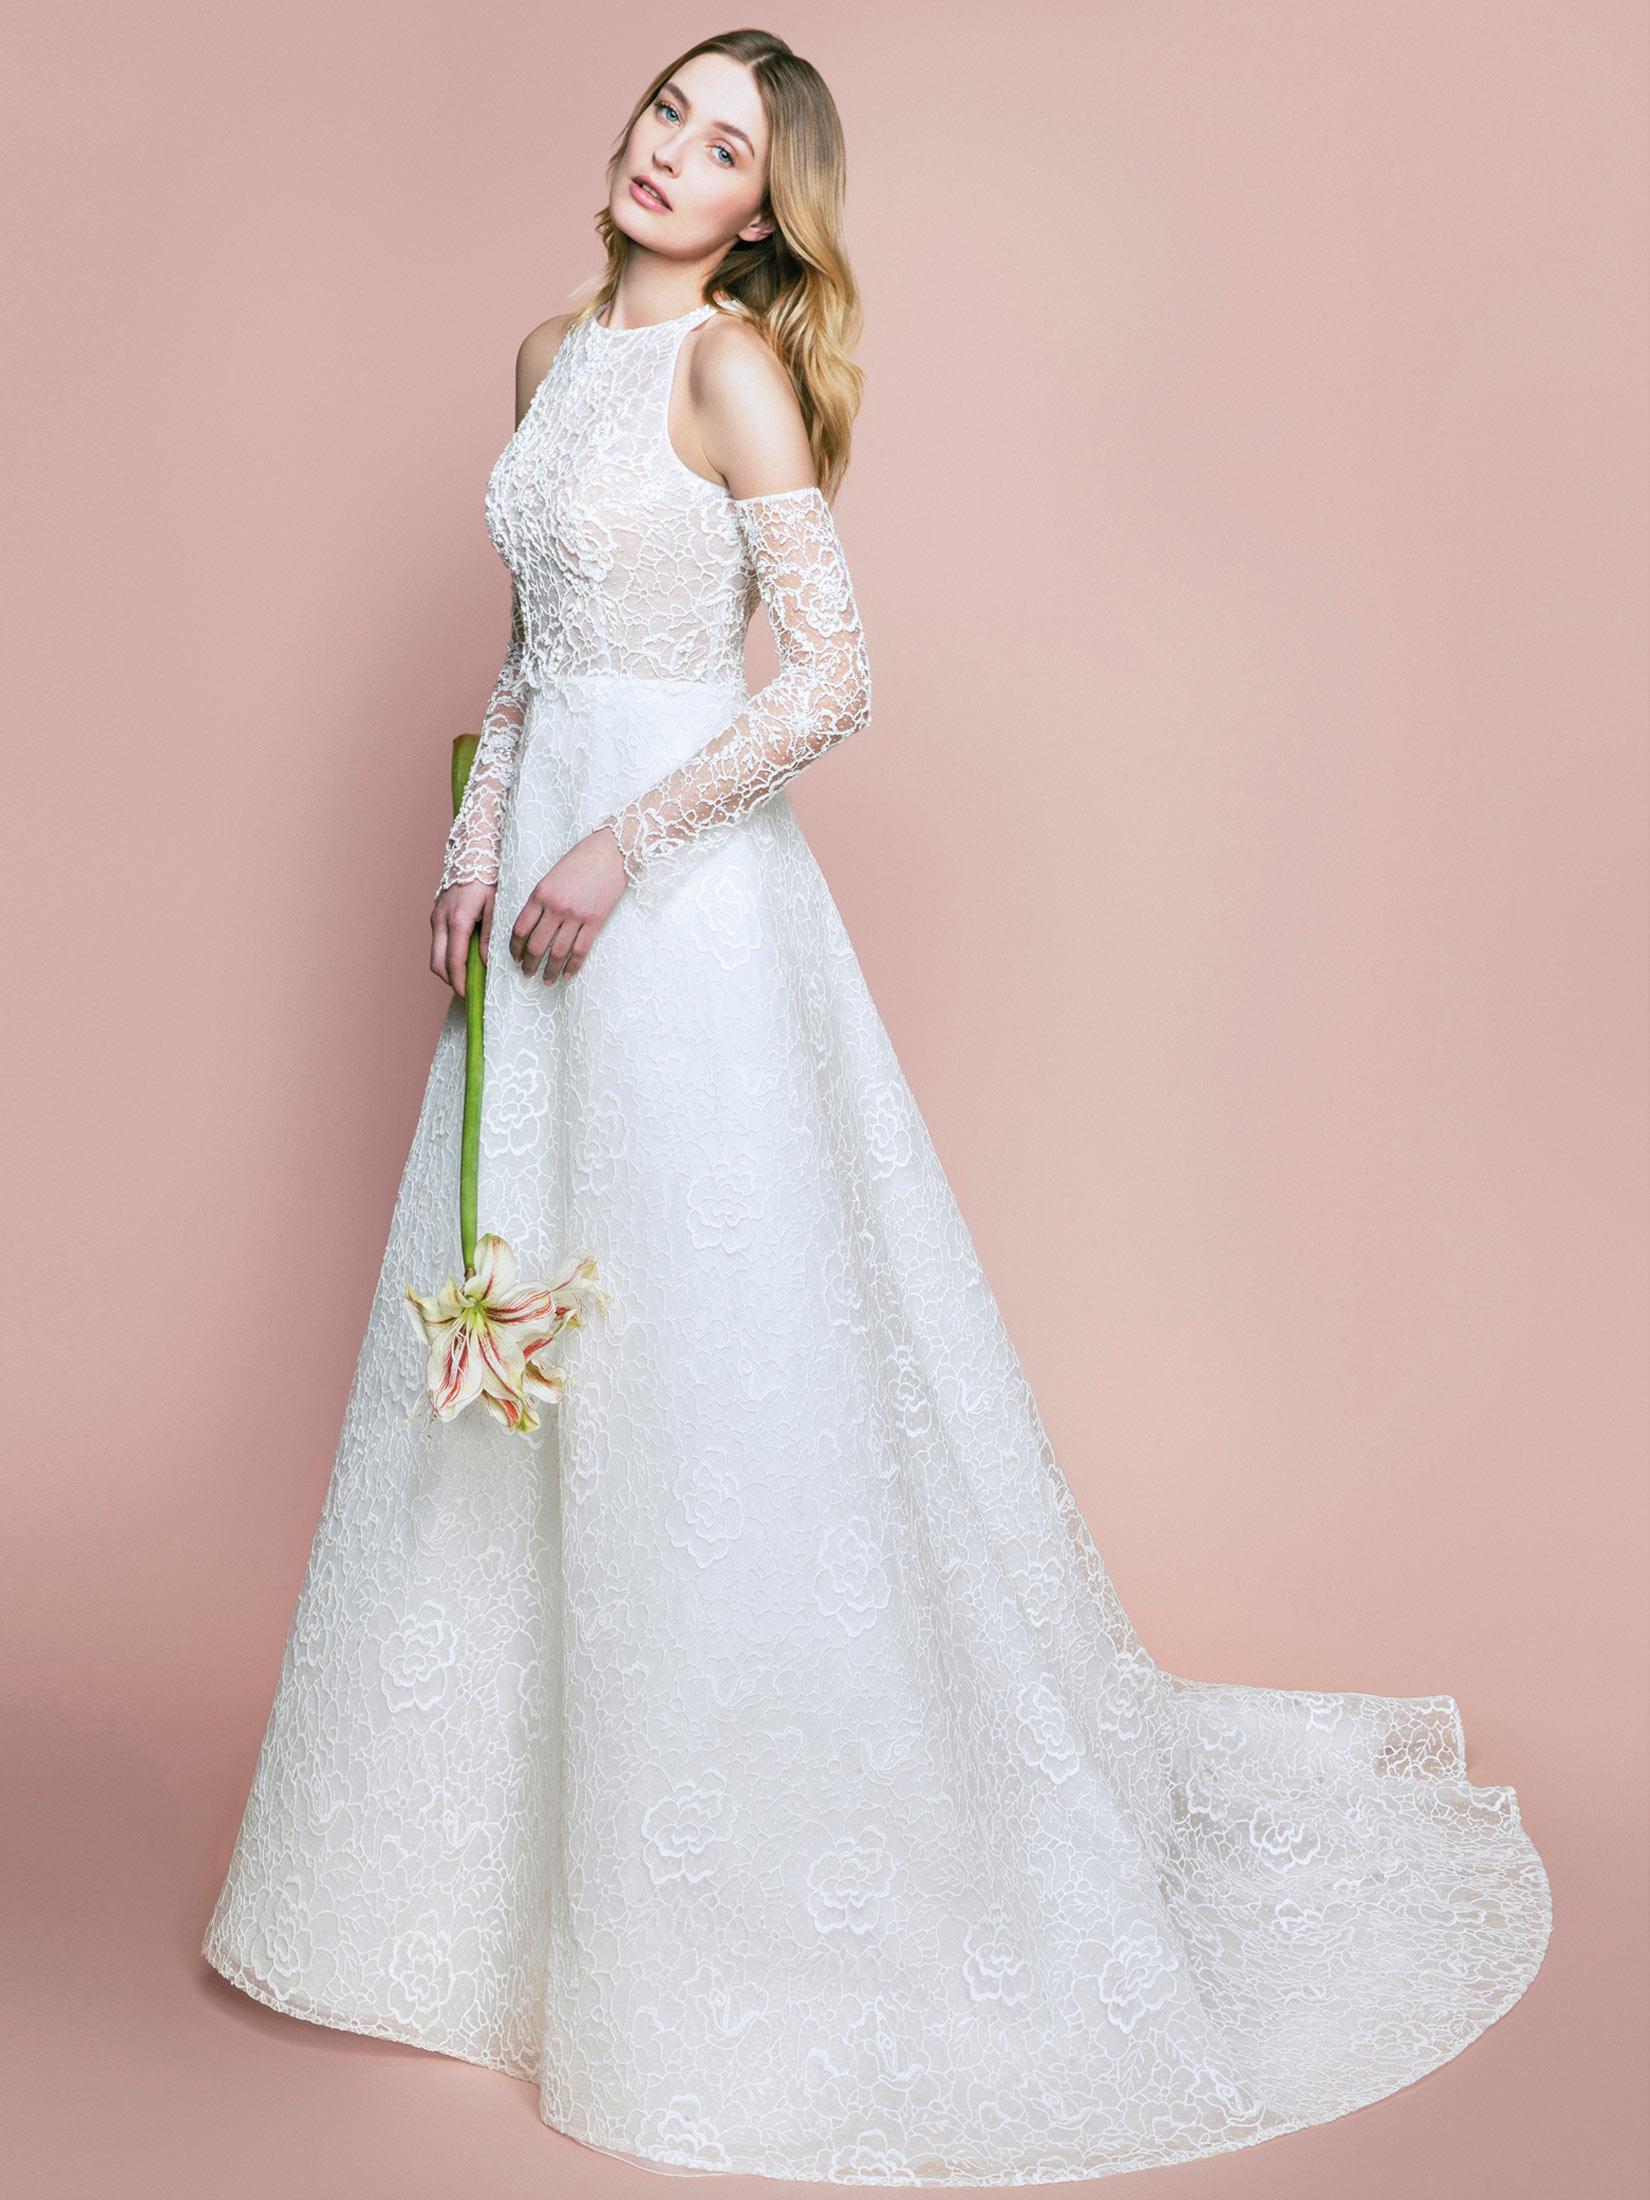 4e7d0efc317e Collezione 2018 Blumarine abiti da sposa più belli